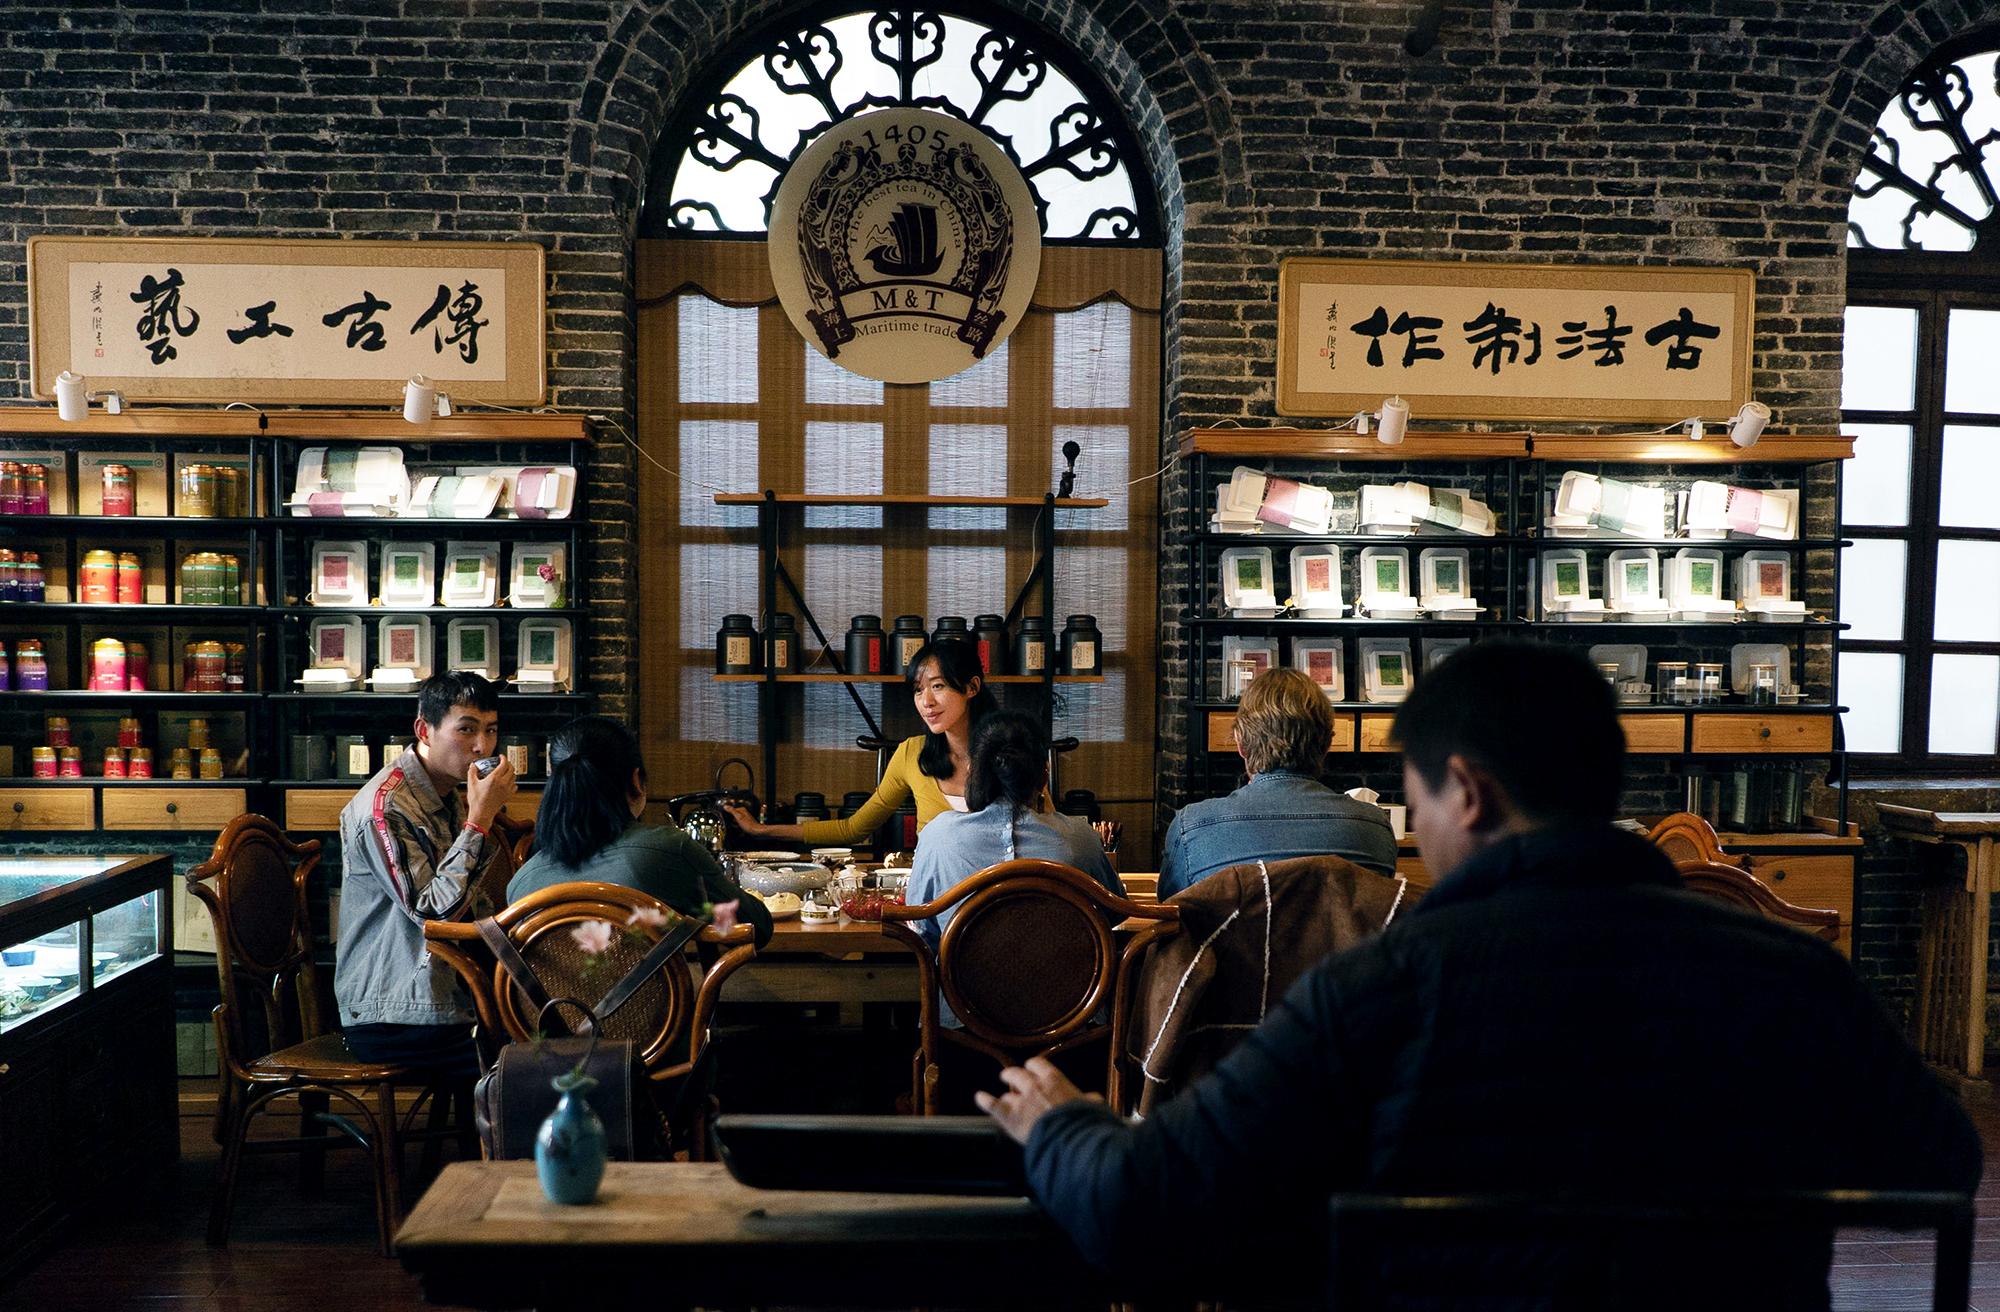 活茶 Huo Cha: Living Tea of Guizhou (Aug)